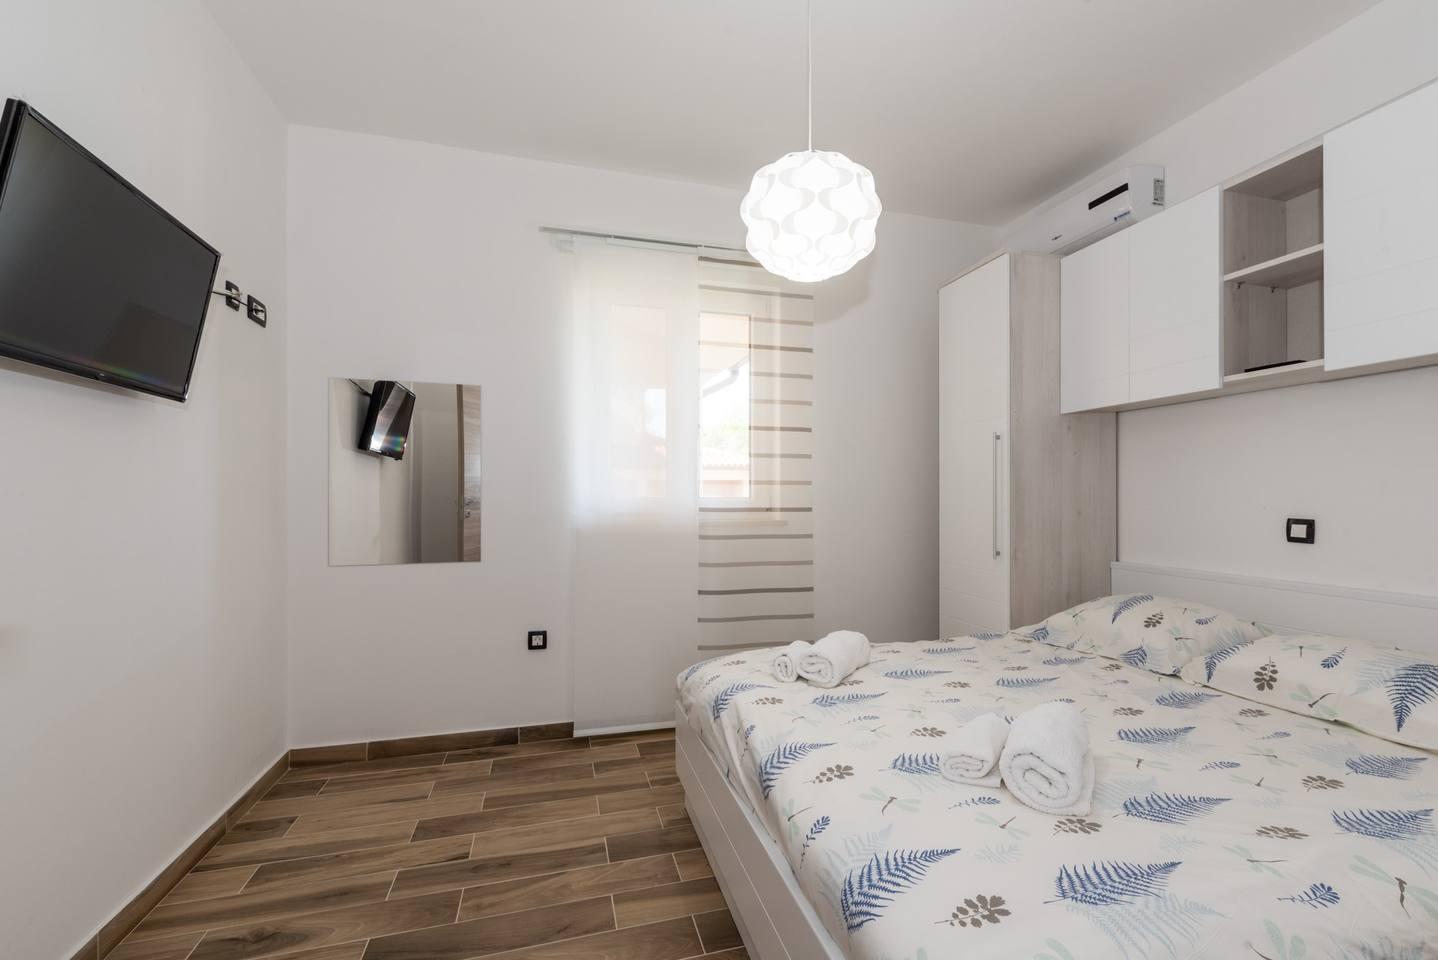 Apartment Villa in Zartinj photo 16921199